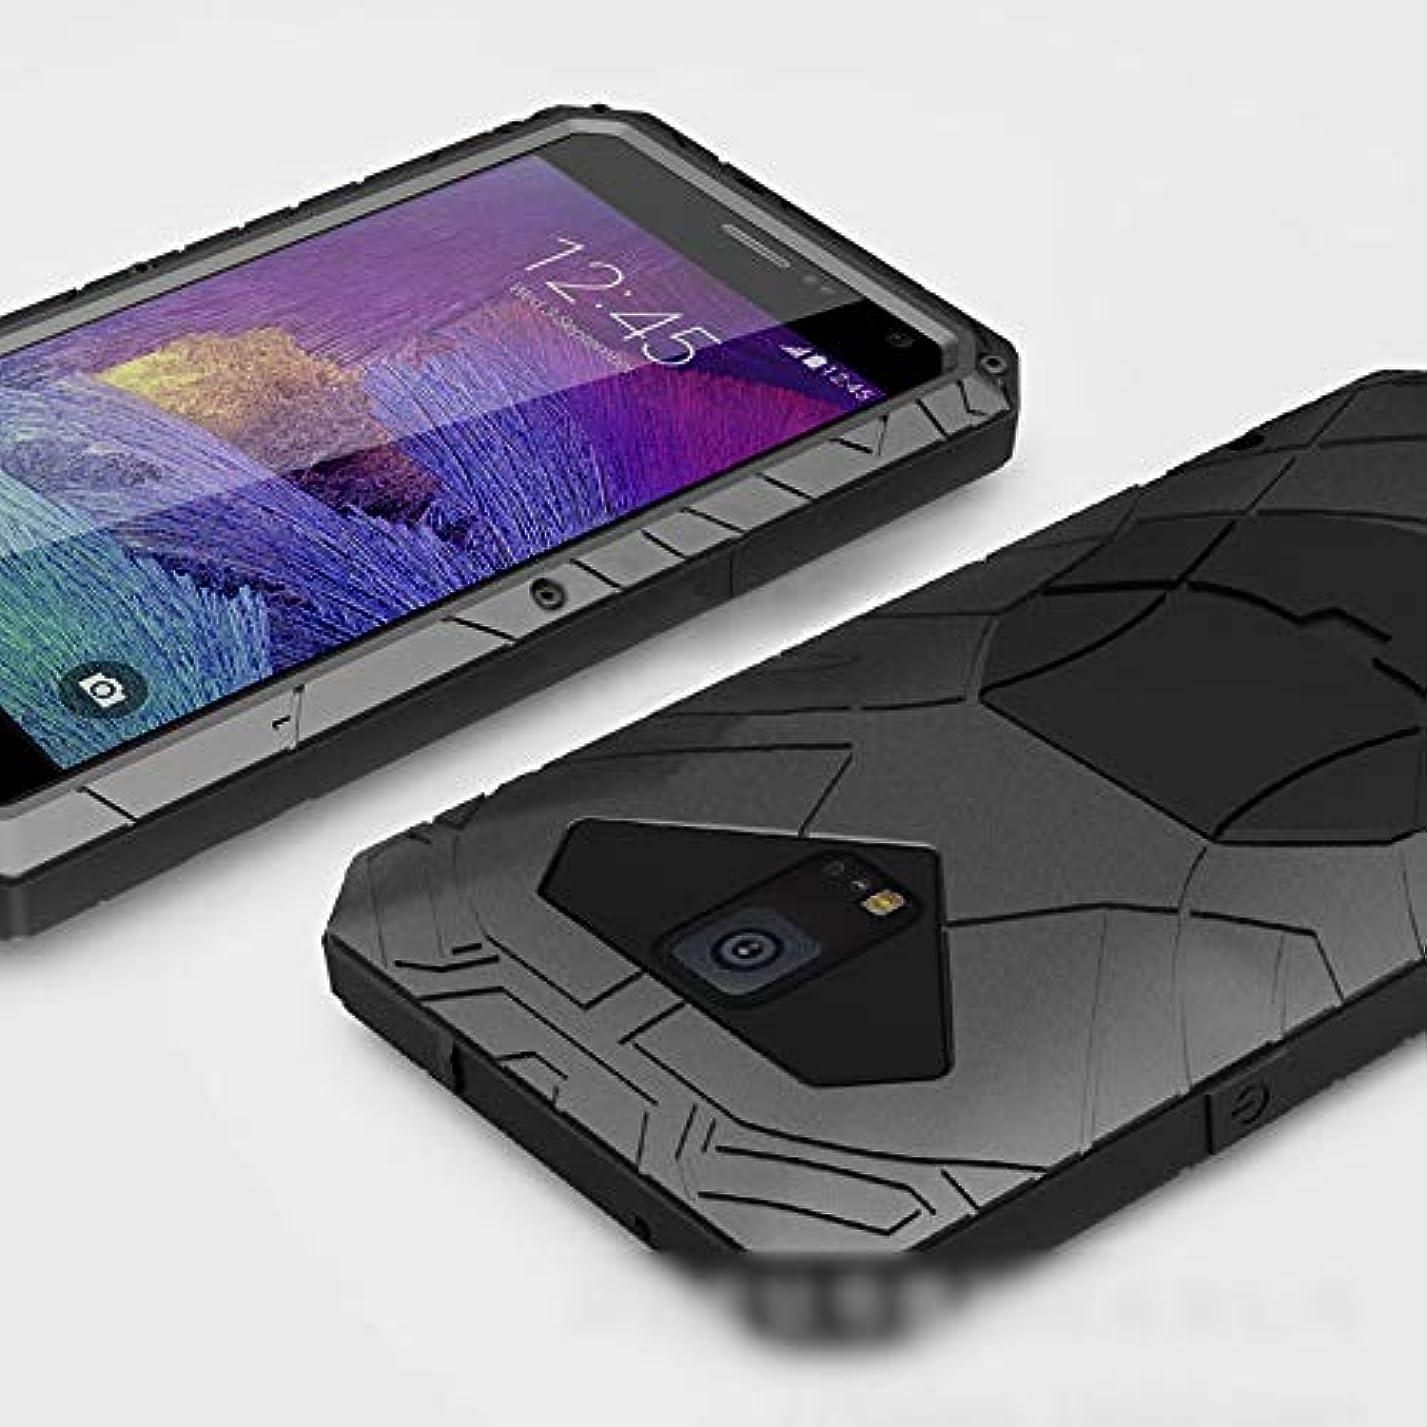 発症権利を与えるタオルTonglilili 電話ケース、サムスン注3、注4、注5、S7、S5、S6のための新しい3つの抗携帯電話シェルハイエンド落下防止カバーメタルシェル電話ケース (Color : 黒, Edition : S5)